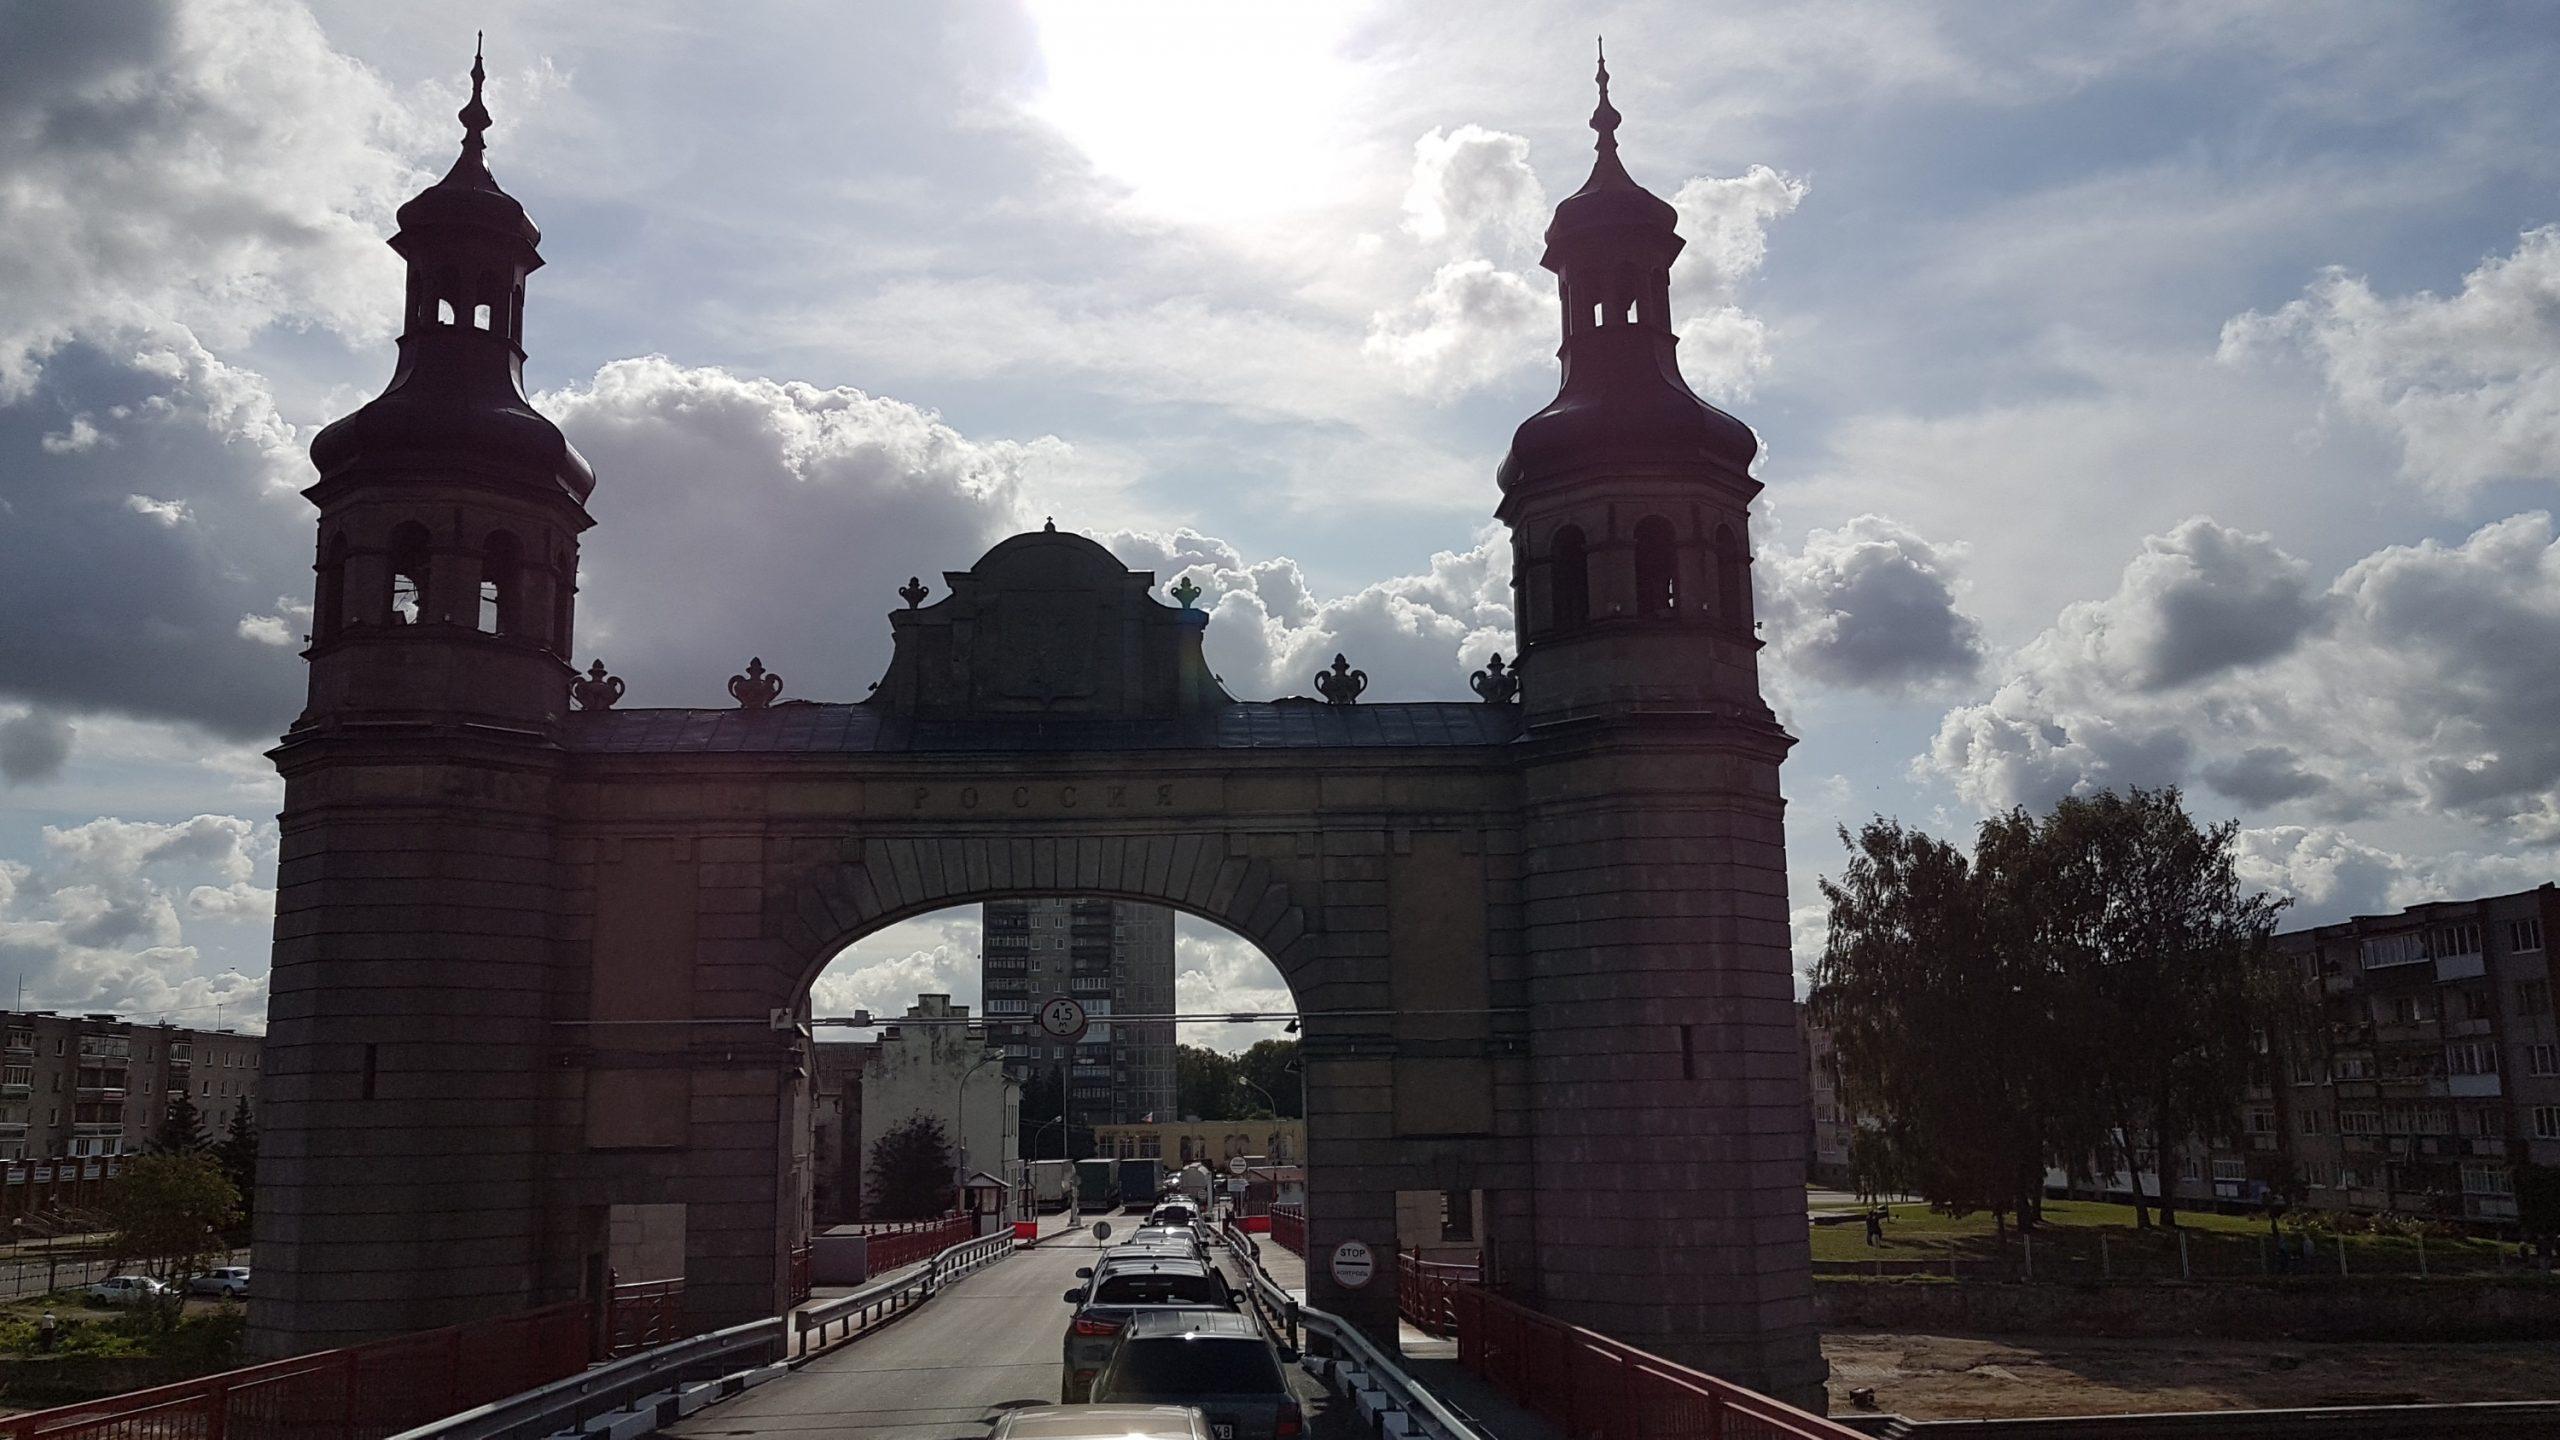 14 septembre : Arrivée à Kaliningrad